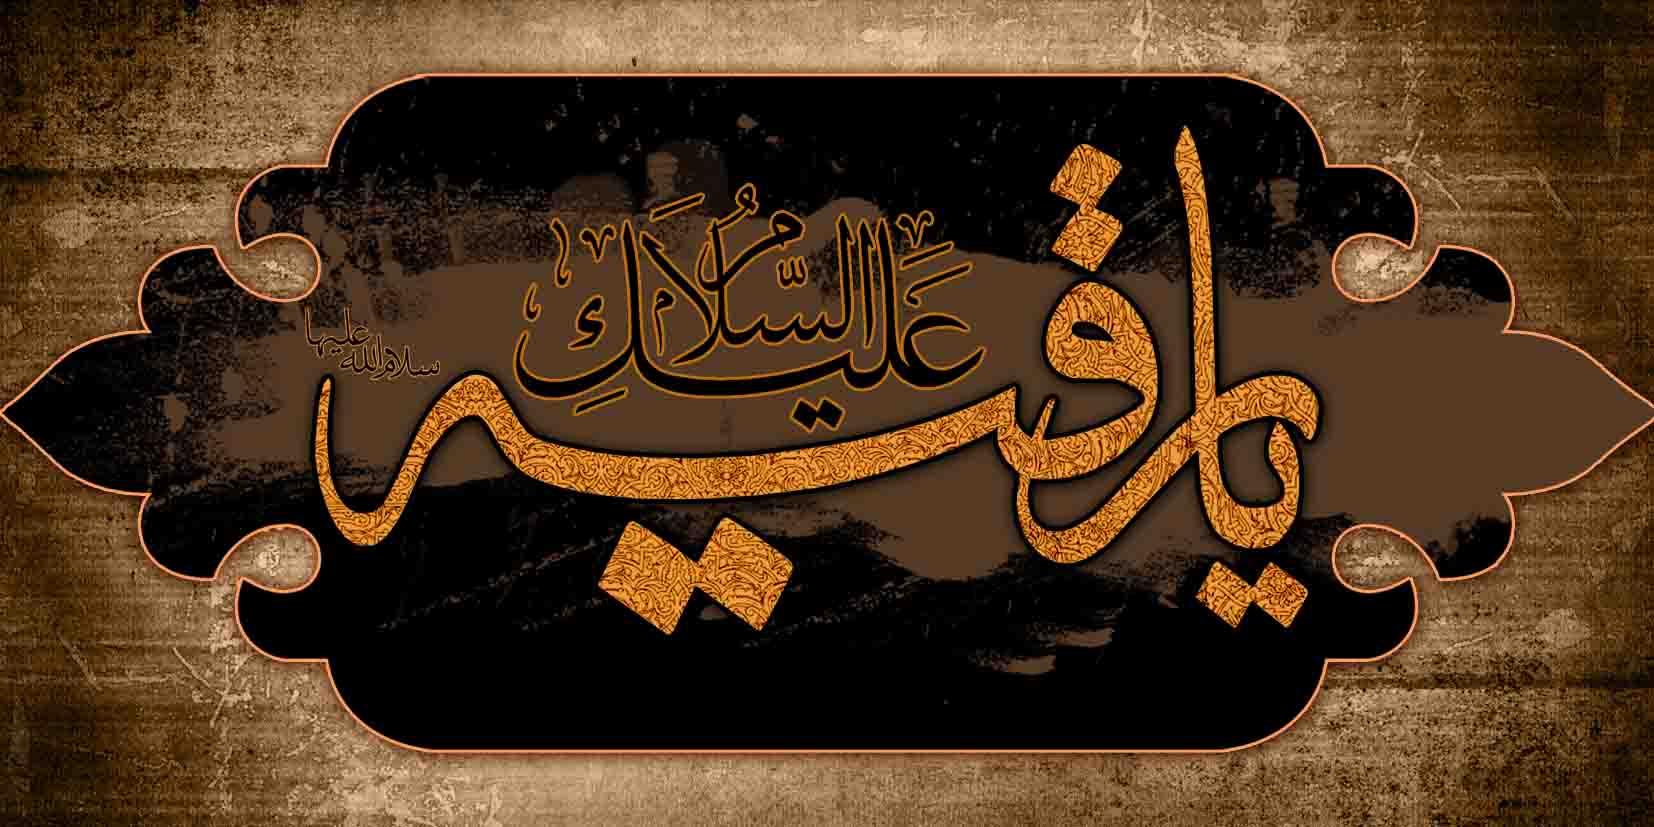 دانلود طرح لایه باز حضرت رقیه سلام الله